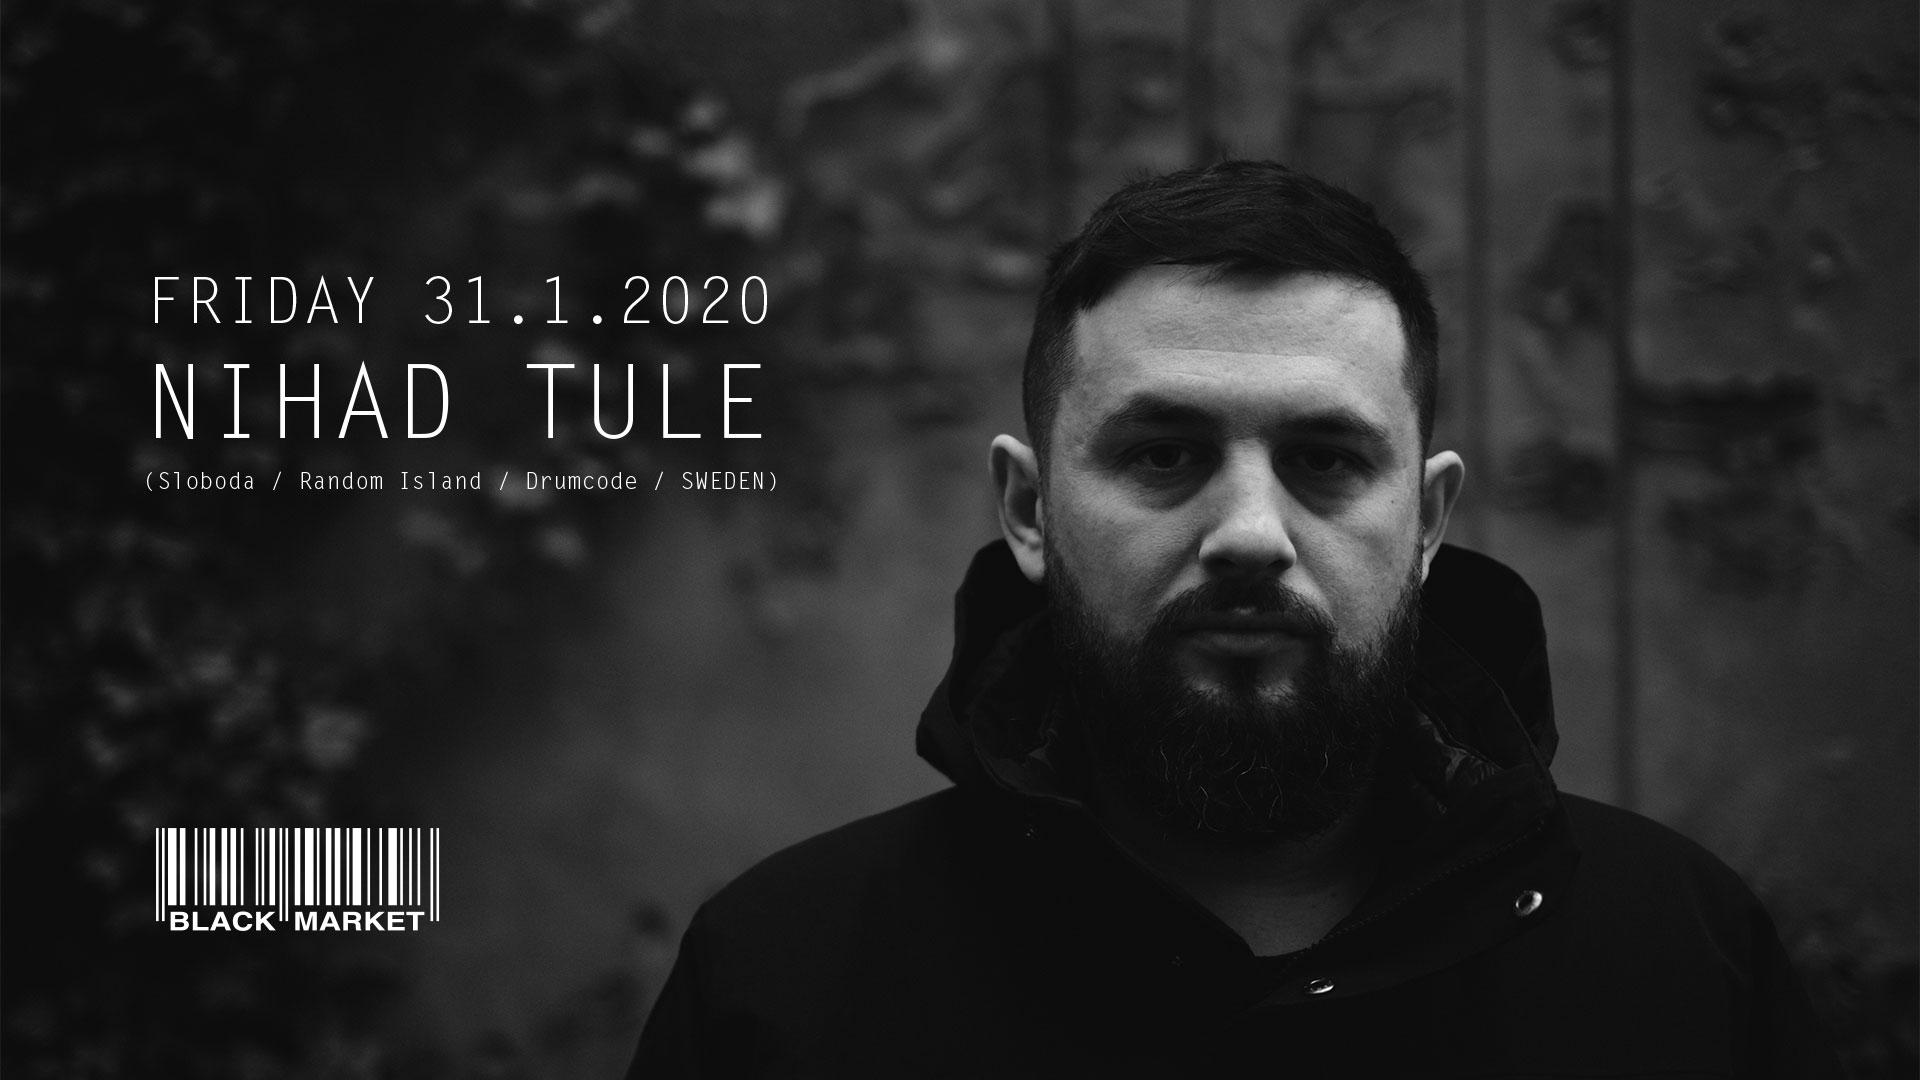 NIHAD TULE (Sloboda / Random Island / Drumcode) am 31. January 2020 @ Black Market.